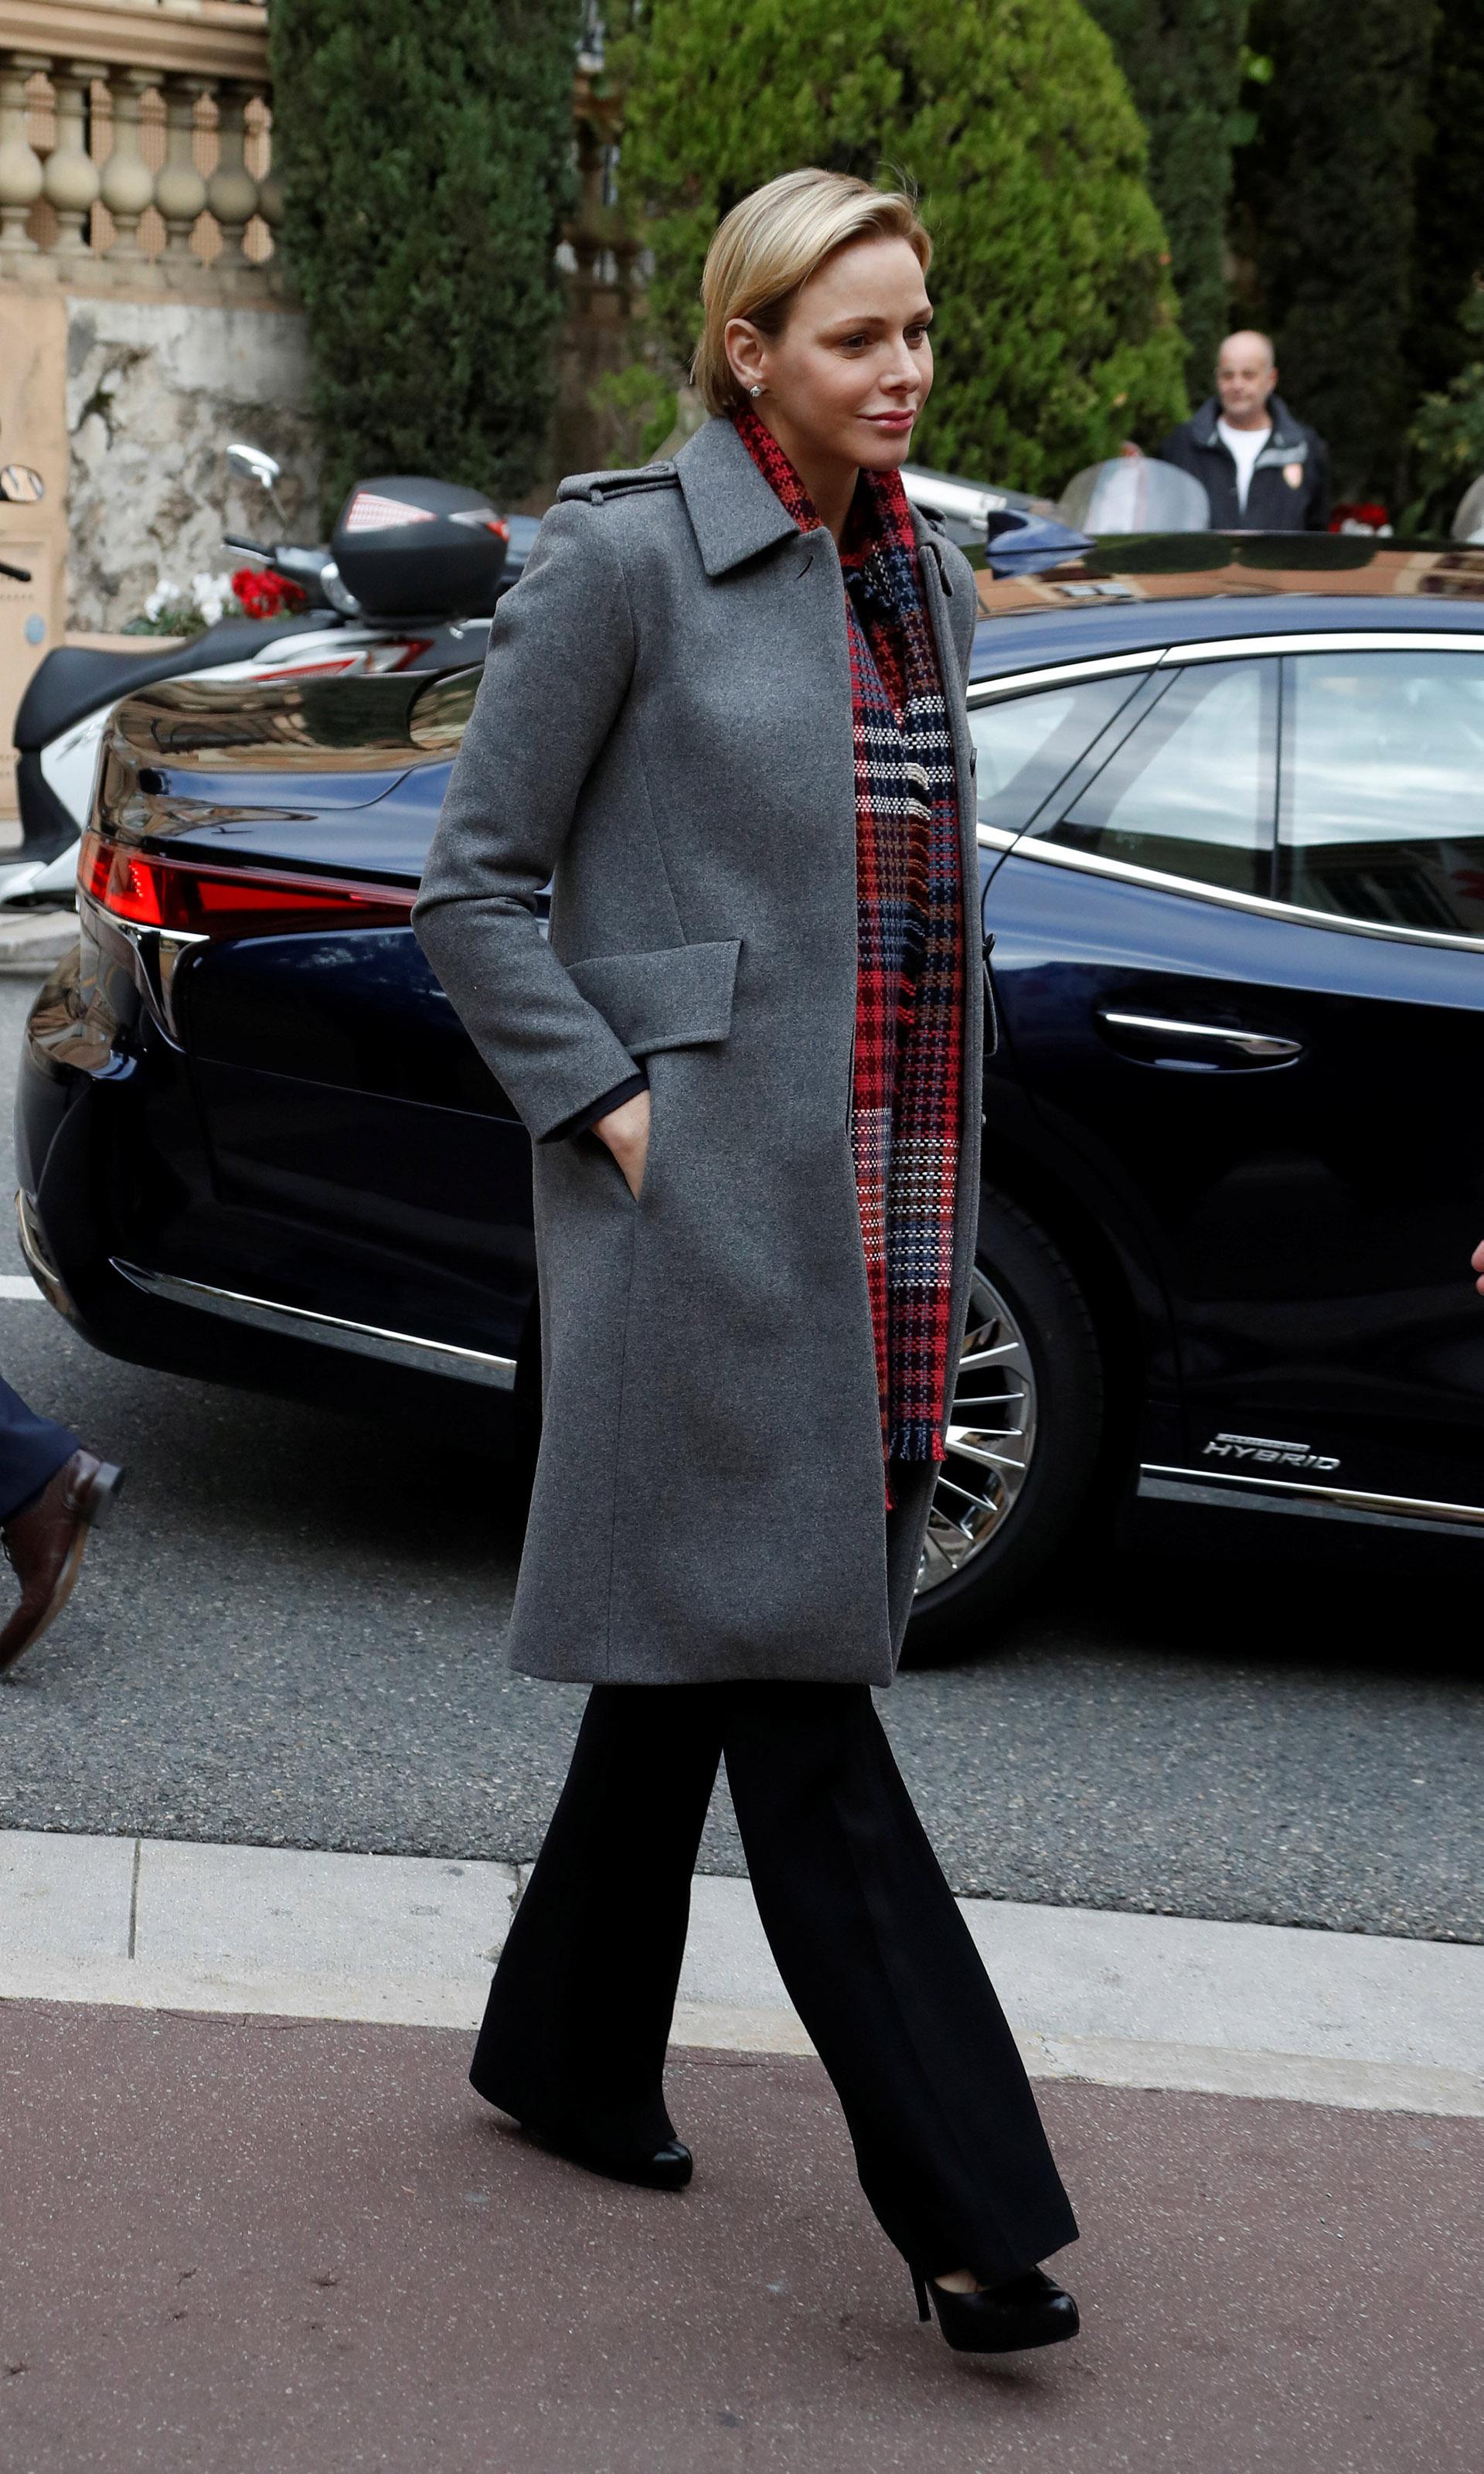 Simple y elegante, este fue el look que eligió Charlene de Mónaco